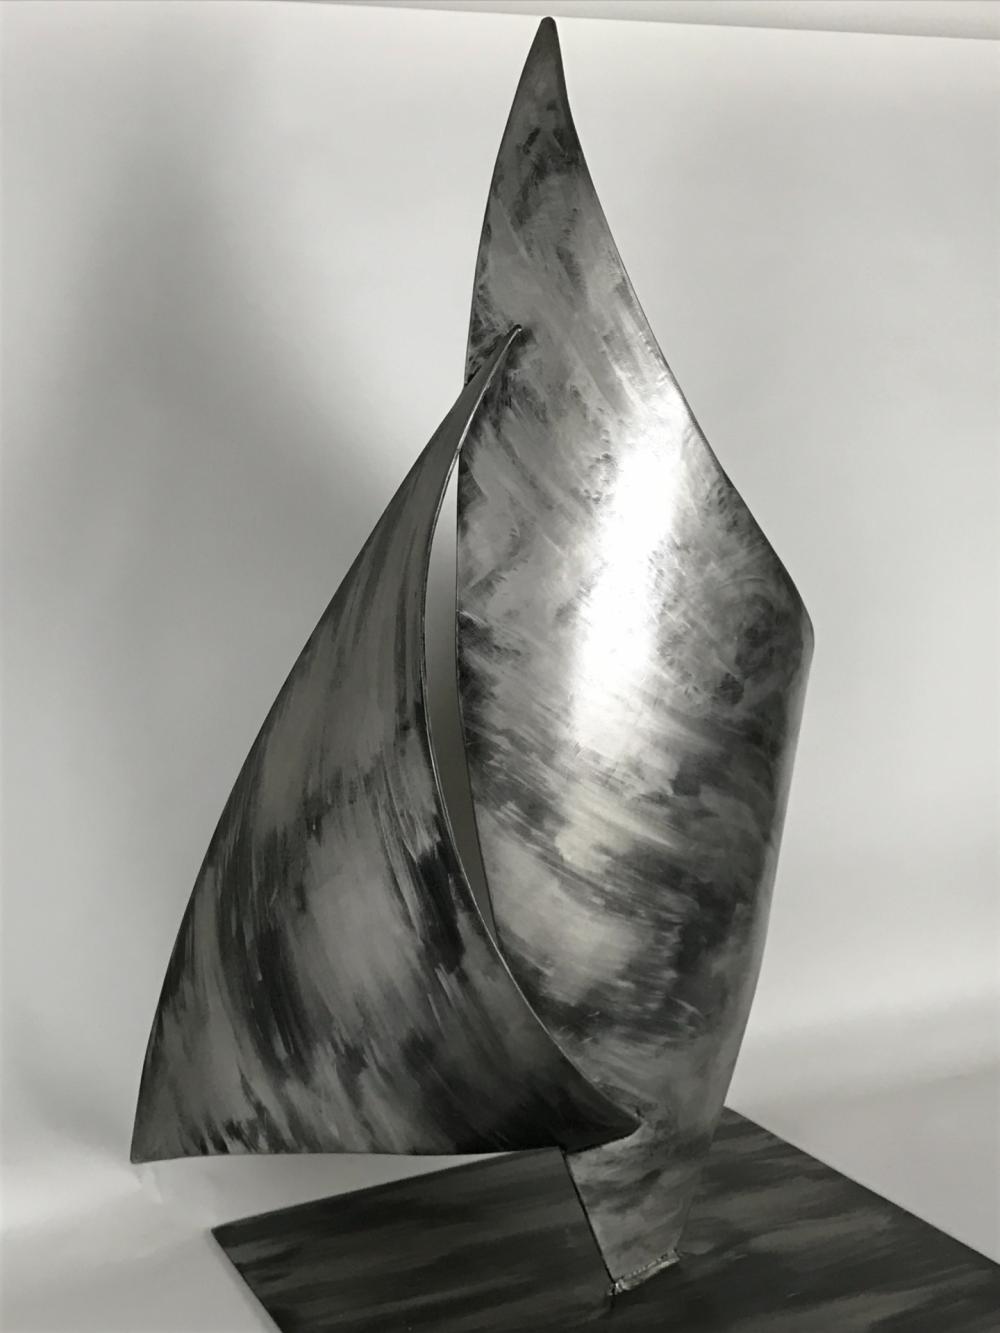 Metal Sail Sculpture